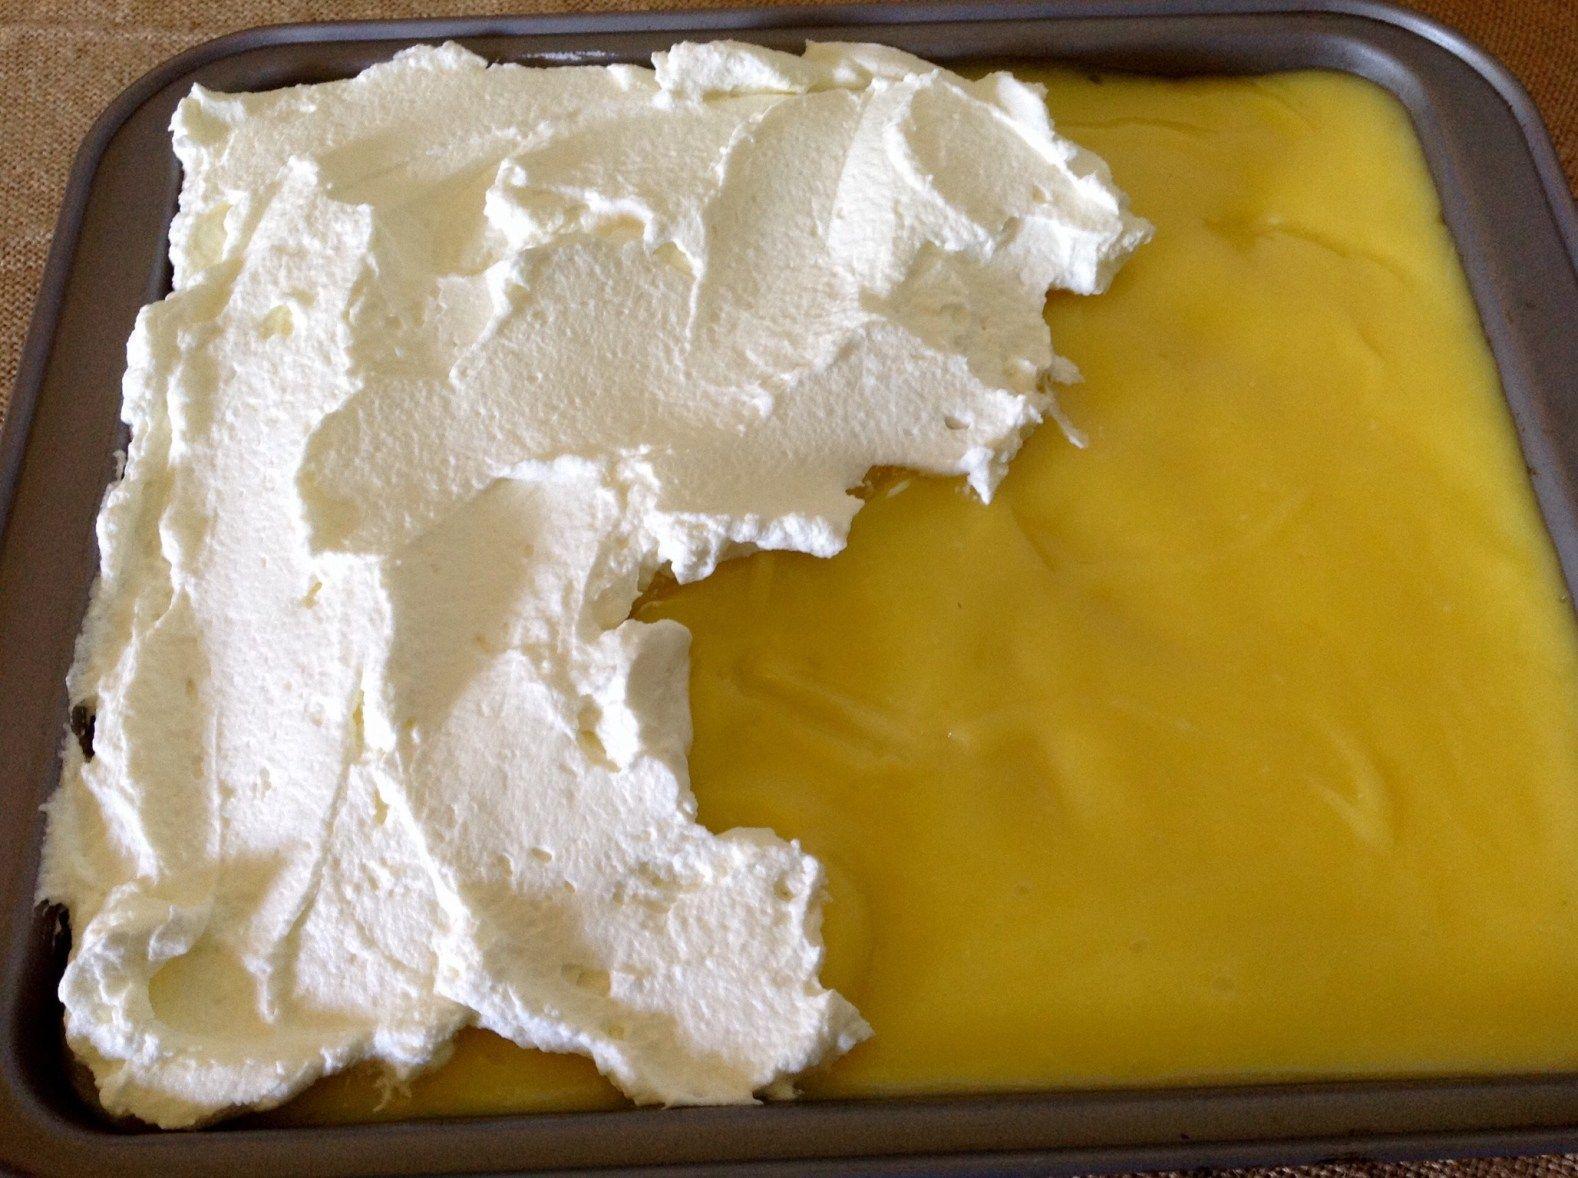 Zitronenschnitten Ein Fruchtiger Sommergenuss Backen Kuchen